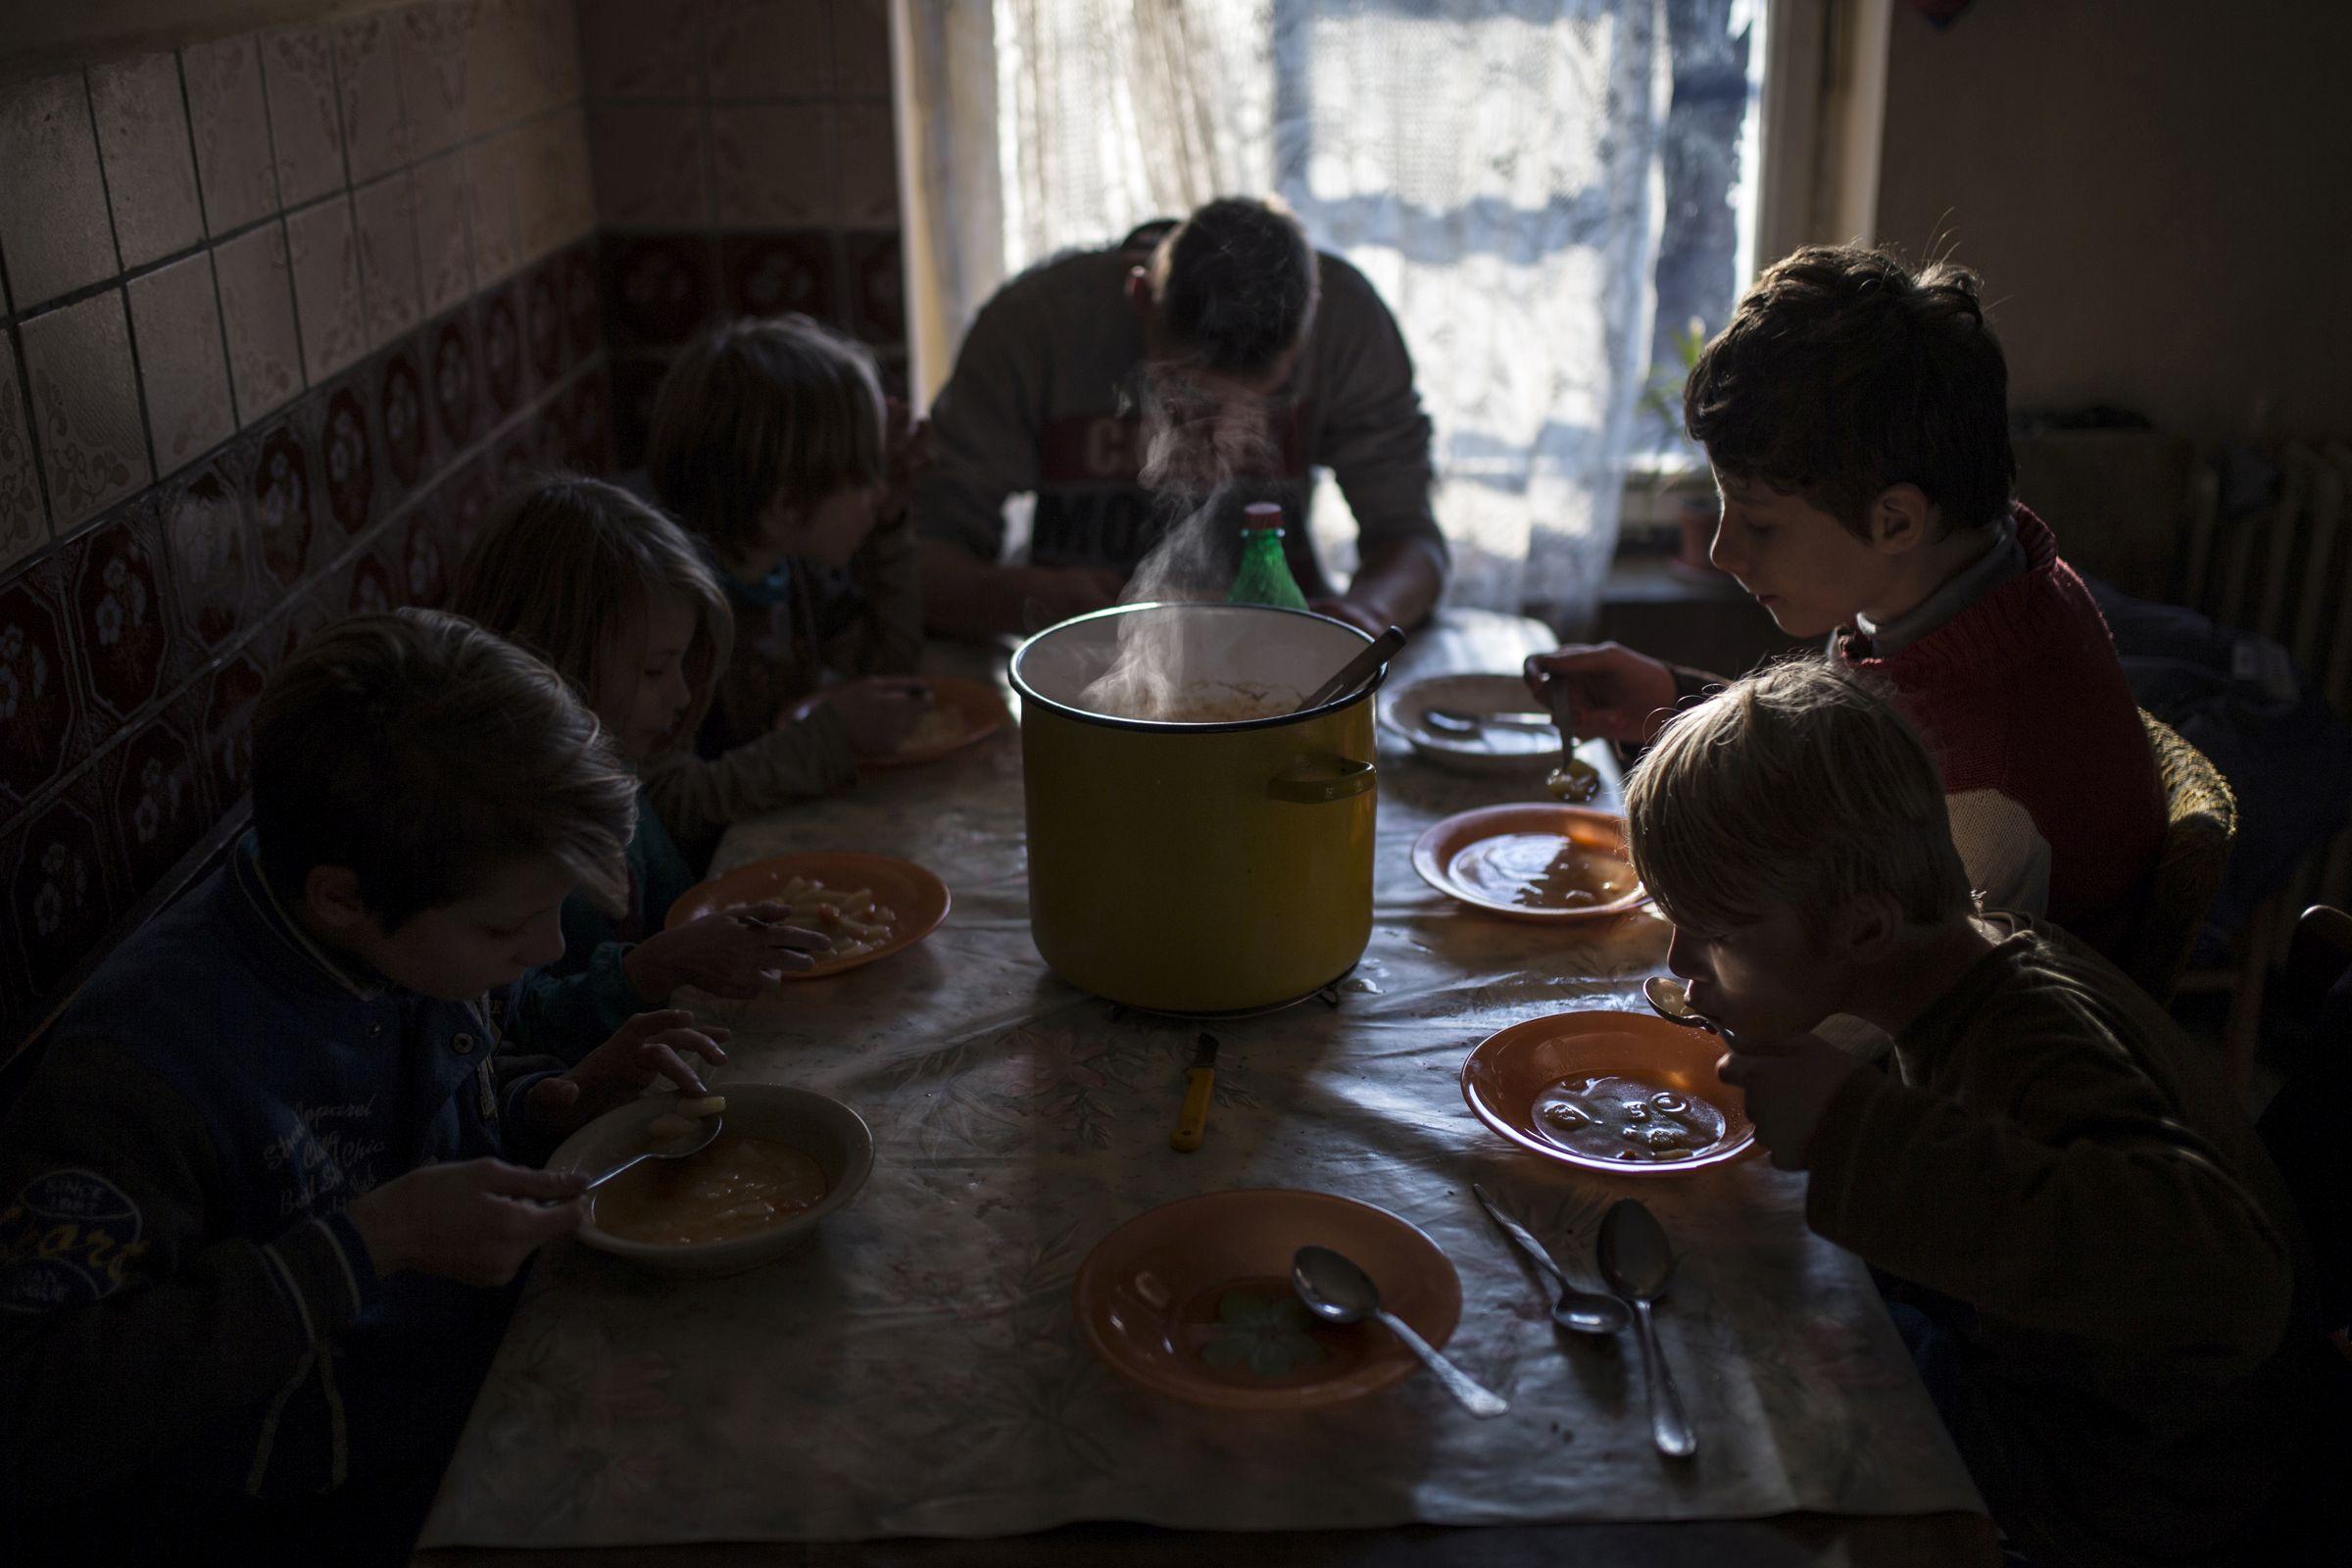 Társadalomábrázolás, dokumentarista fotográfia (egyedi) <br /><br />1. díj: Móricz-Sabján Simon (Népszabadság/Világgazdaság): Ebéd<br />